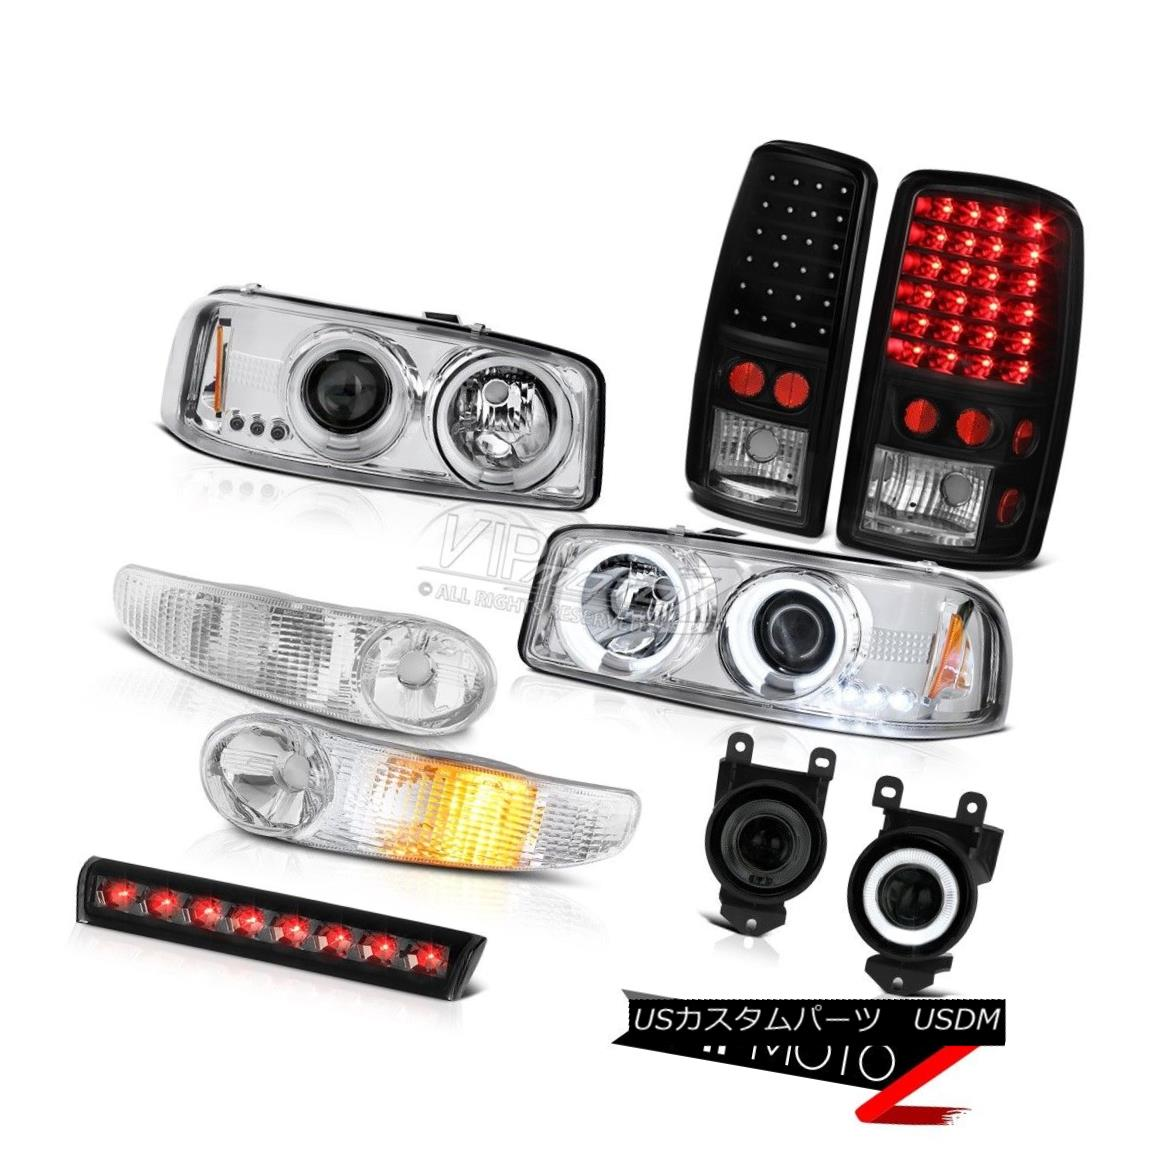 ヘッドライト 01-06 GMC Yukon Denali Halo Headlight Bumper Brake Light FogLamp Third Brake LED 01-06 GMCユーコンデナリハローヘッドライトバンパーブレーキライトフォグランプ第3ブレーキLED